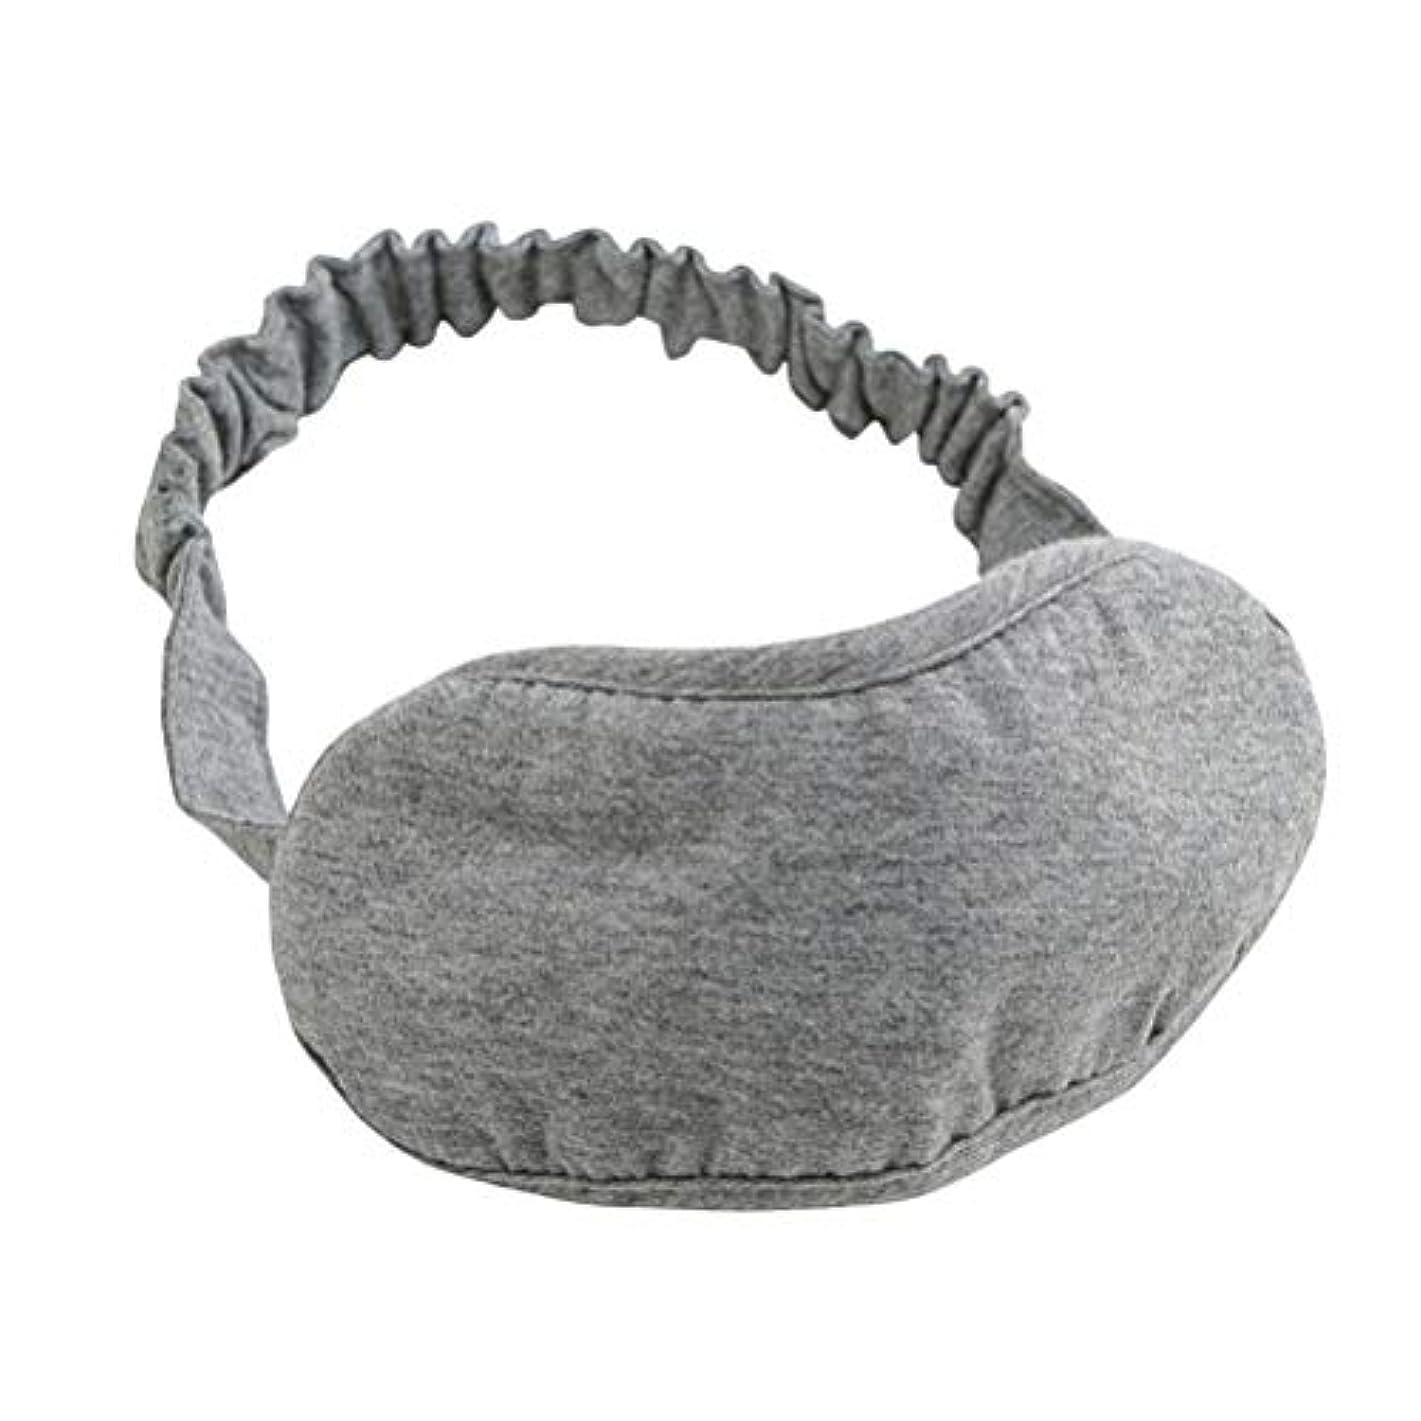 エレベーターチョーク配管工HEALIFTY 睡眠目隠しコットンアイマスクアイシェードナップカバー厚い目隠しスリーピングレストトラベルオフィス用アイパッチ(グレー)